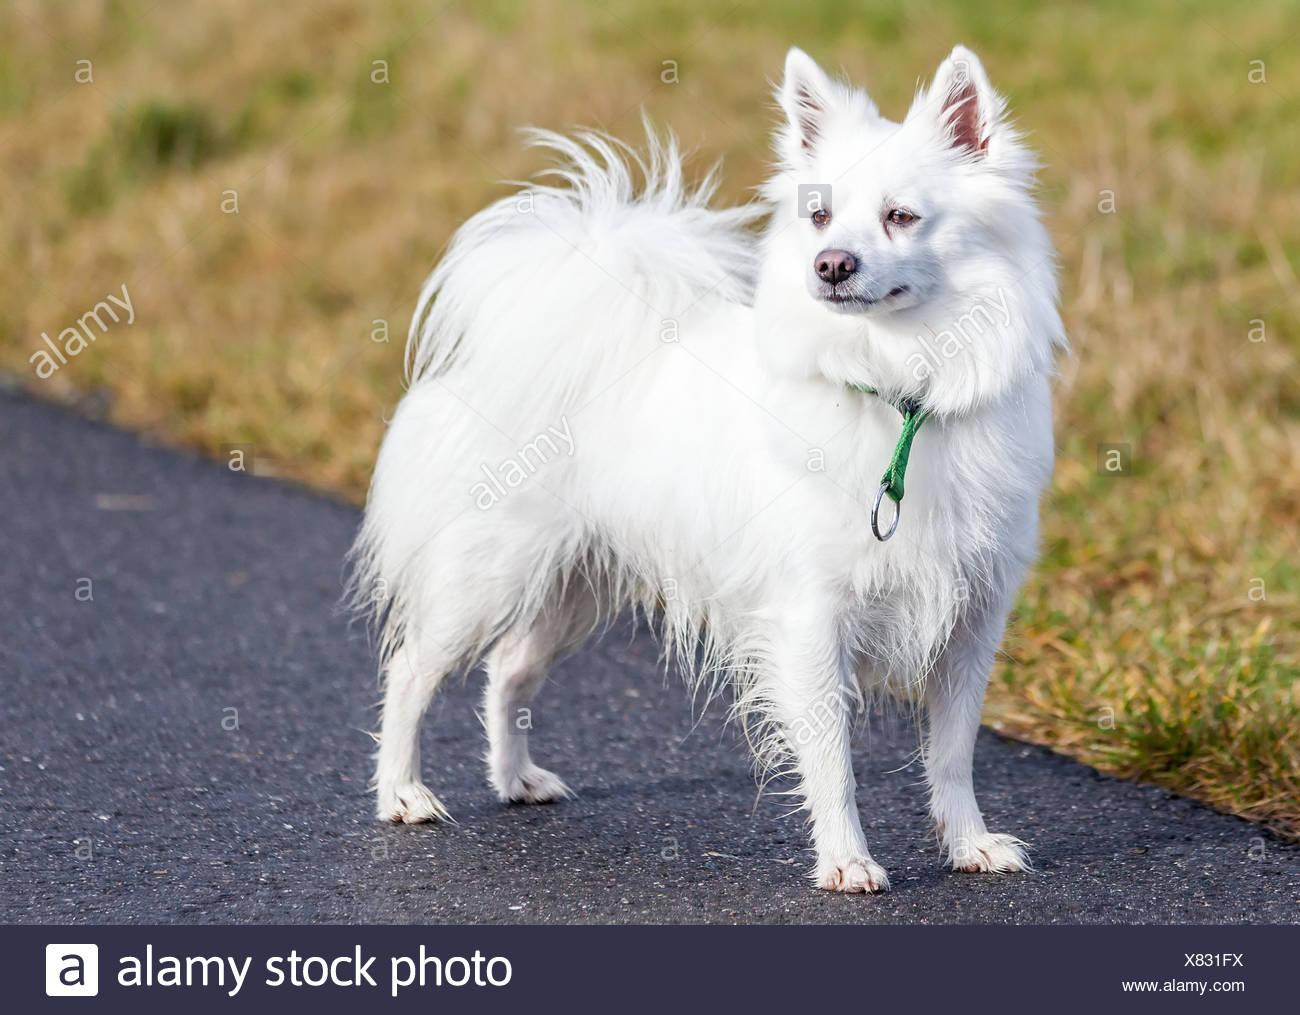 Spitz Hund Stehend Auf Weg Stockfoto Bild 280350222 Alamy